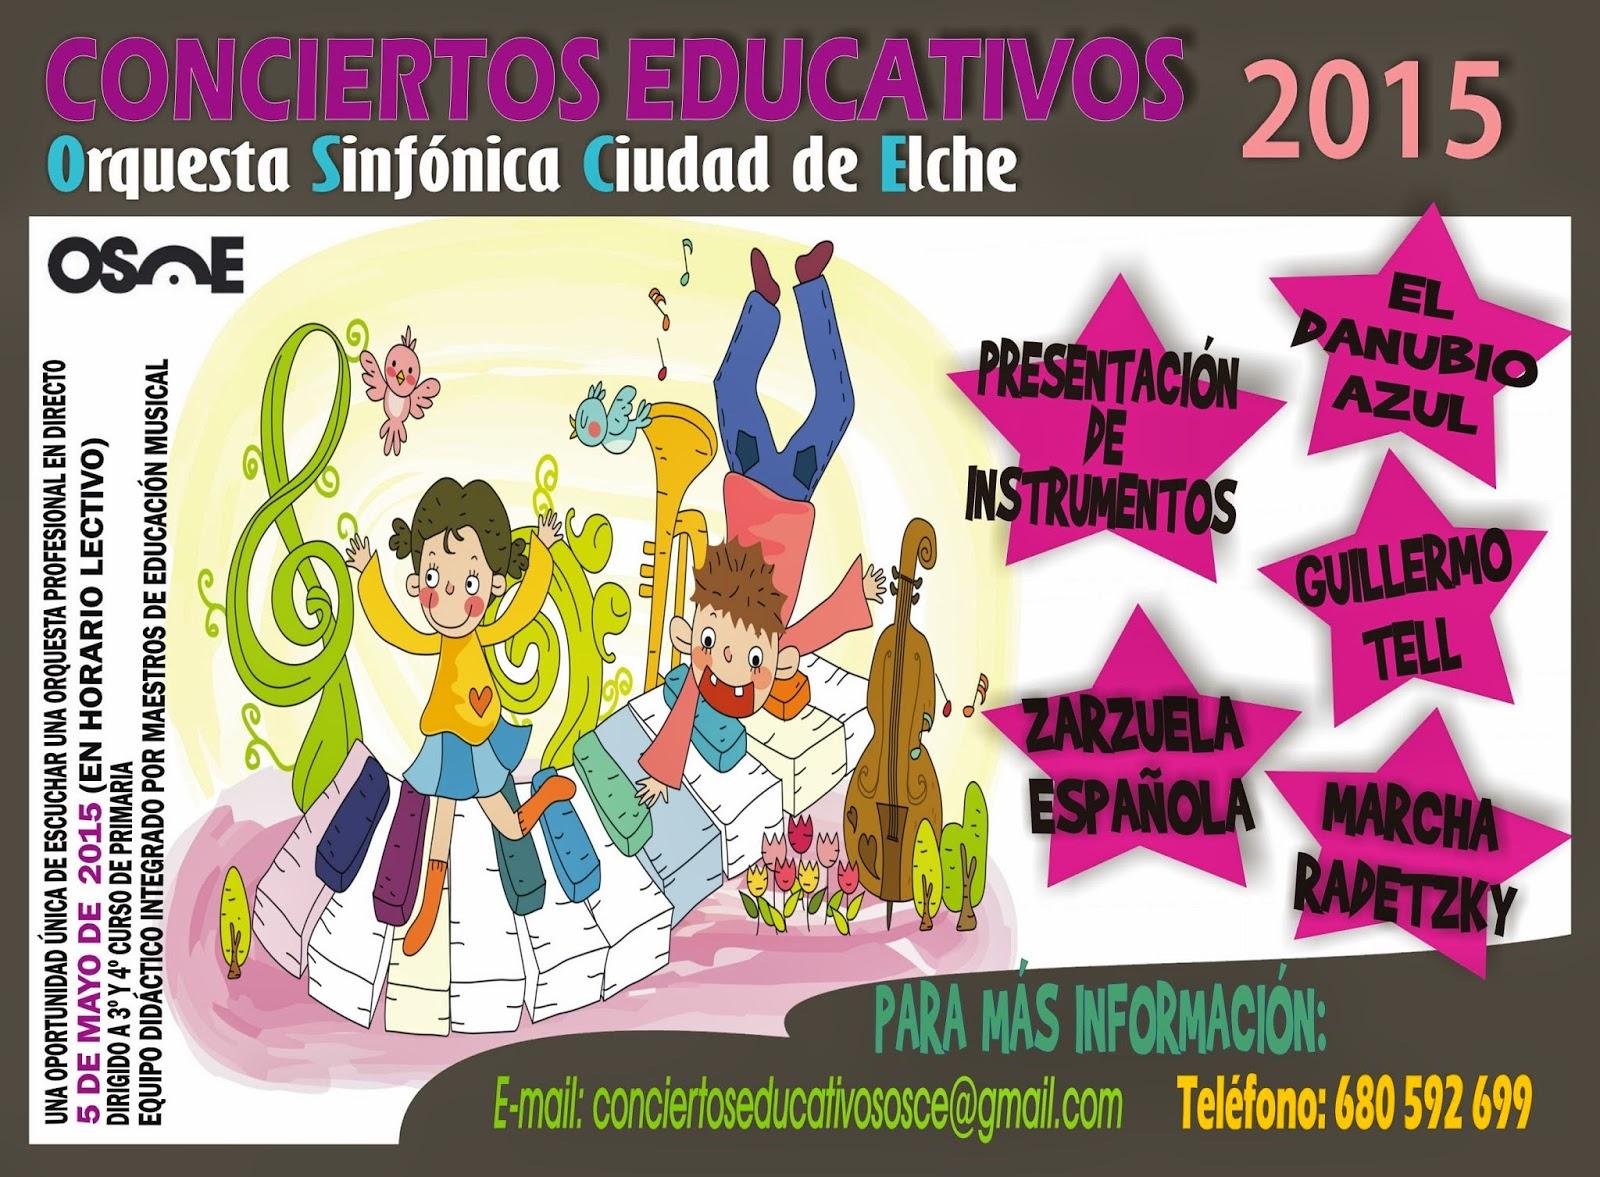 http://conciertoseducativososce.blogspot.com.es/2015/02/programa-ciclo-de-conciertos-educativos.html